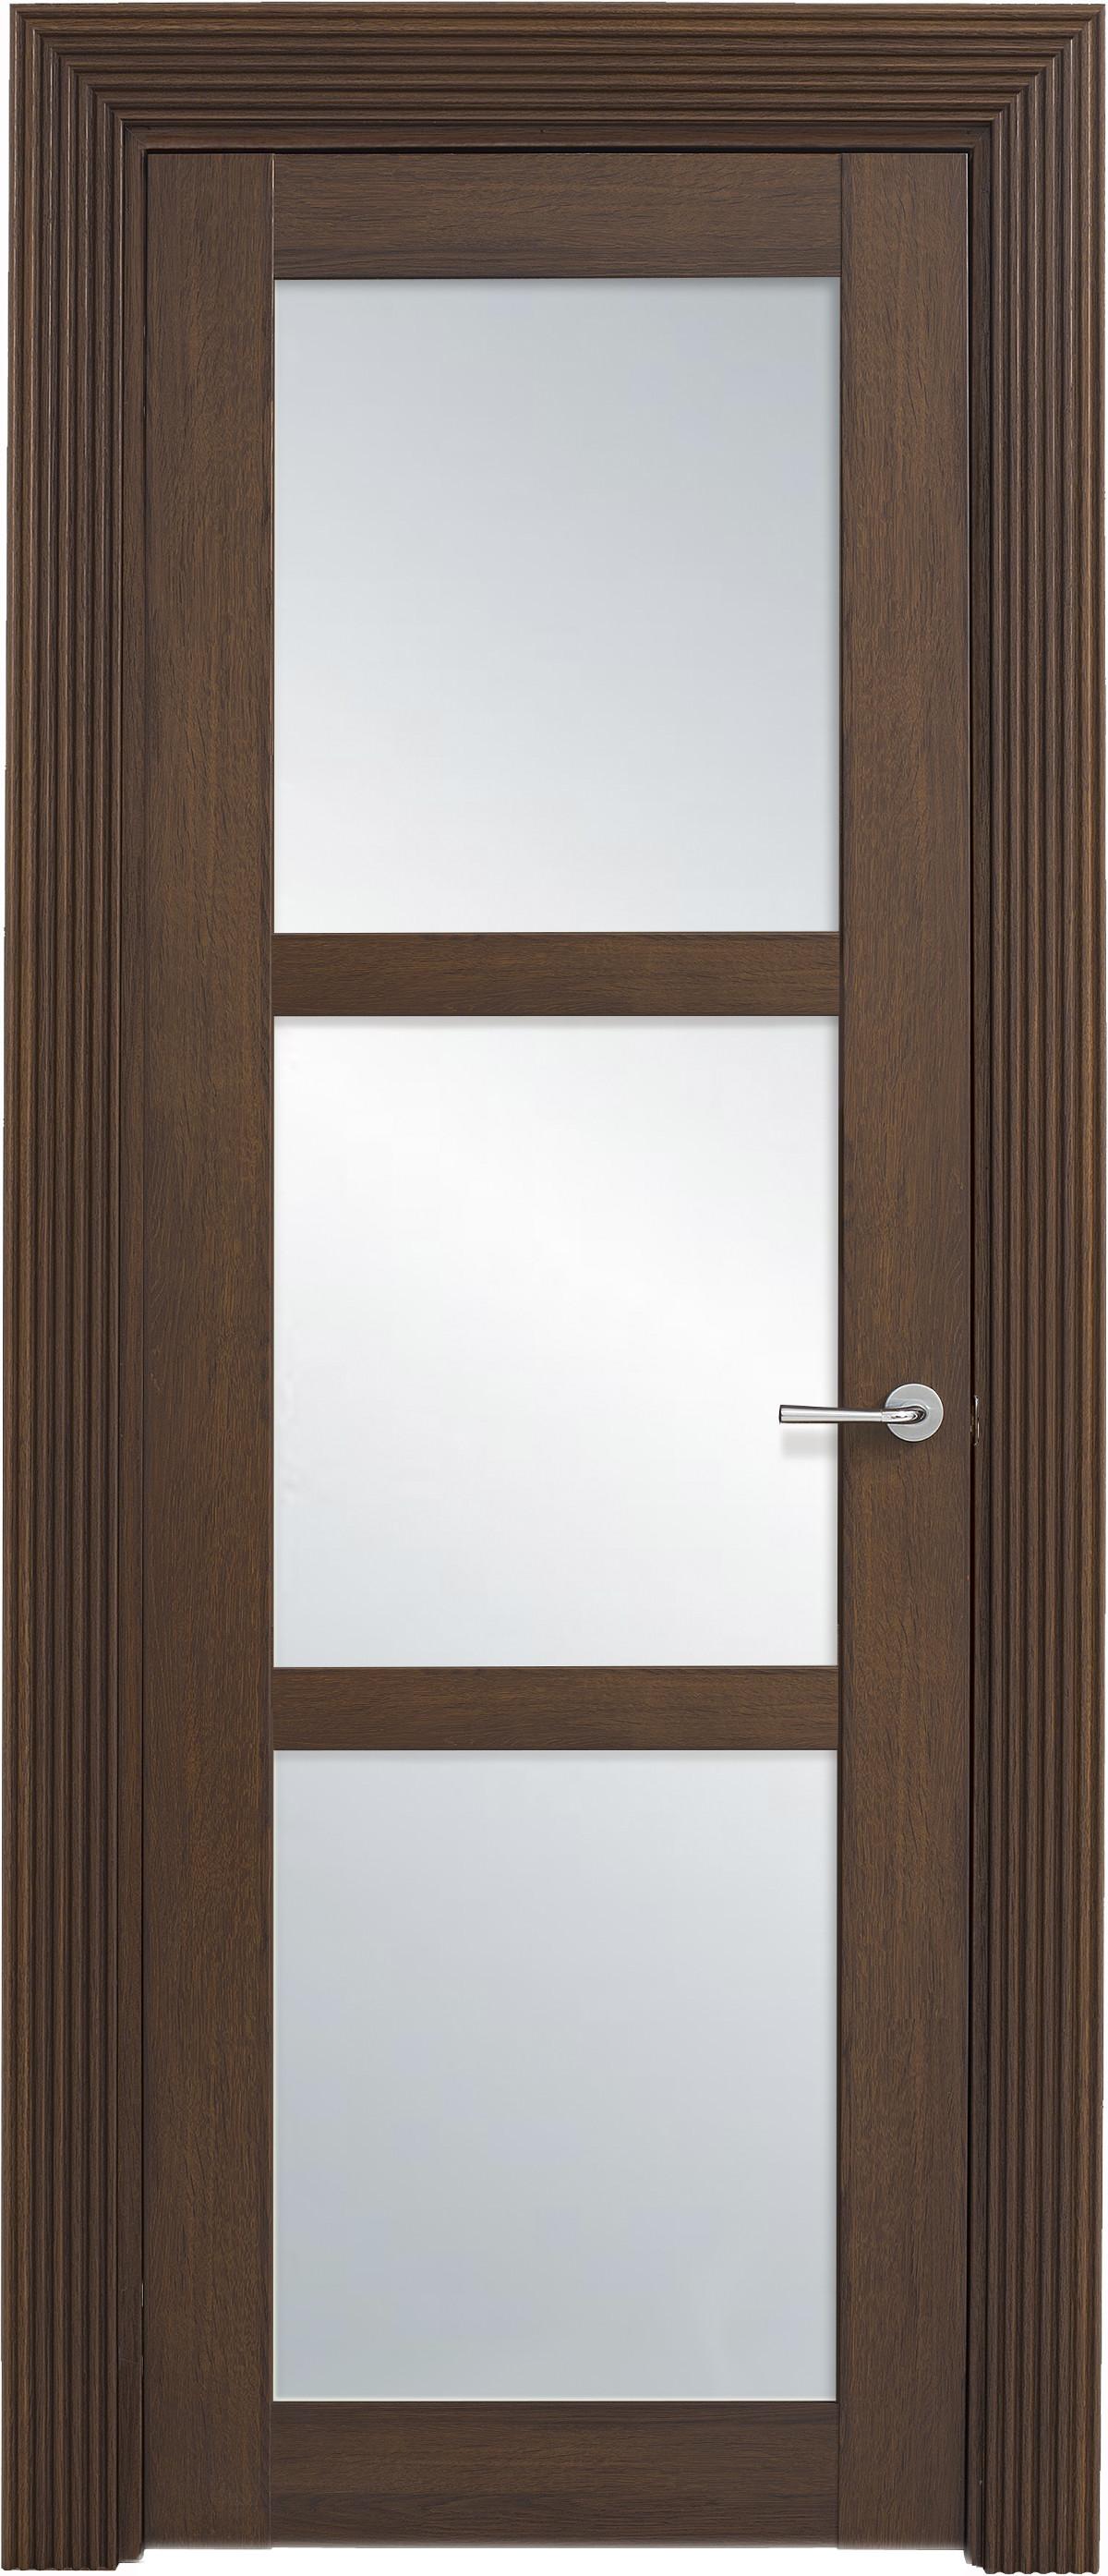 Межкомнатная / входная дверь, отделка: экошпон ГРЕЧЕСКИЙ ОРЕХ, Solo 3S